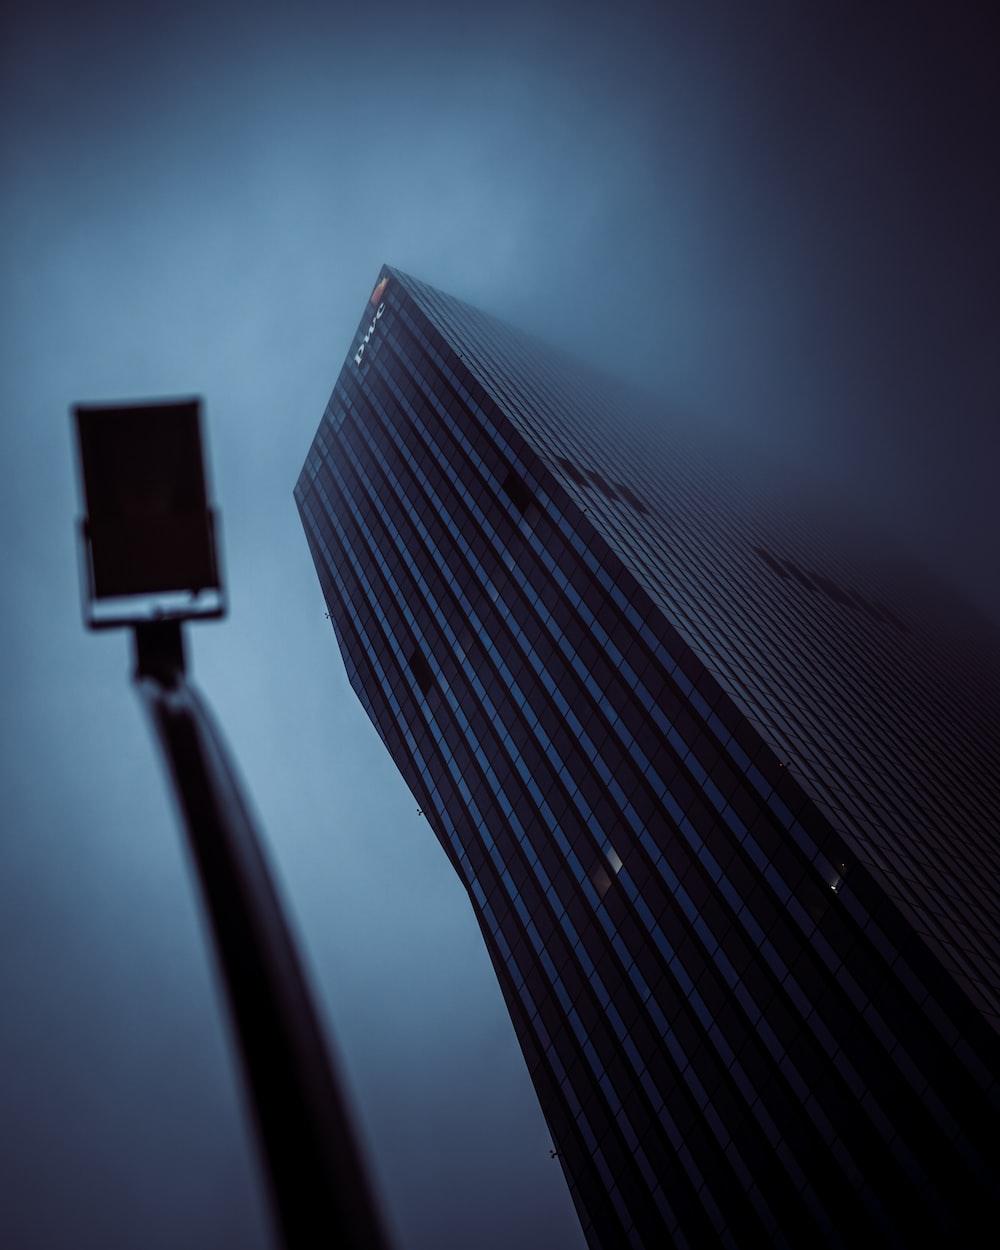 black and white light post